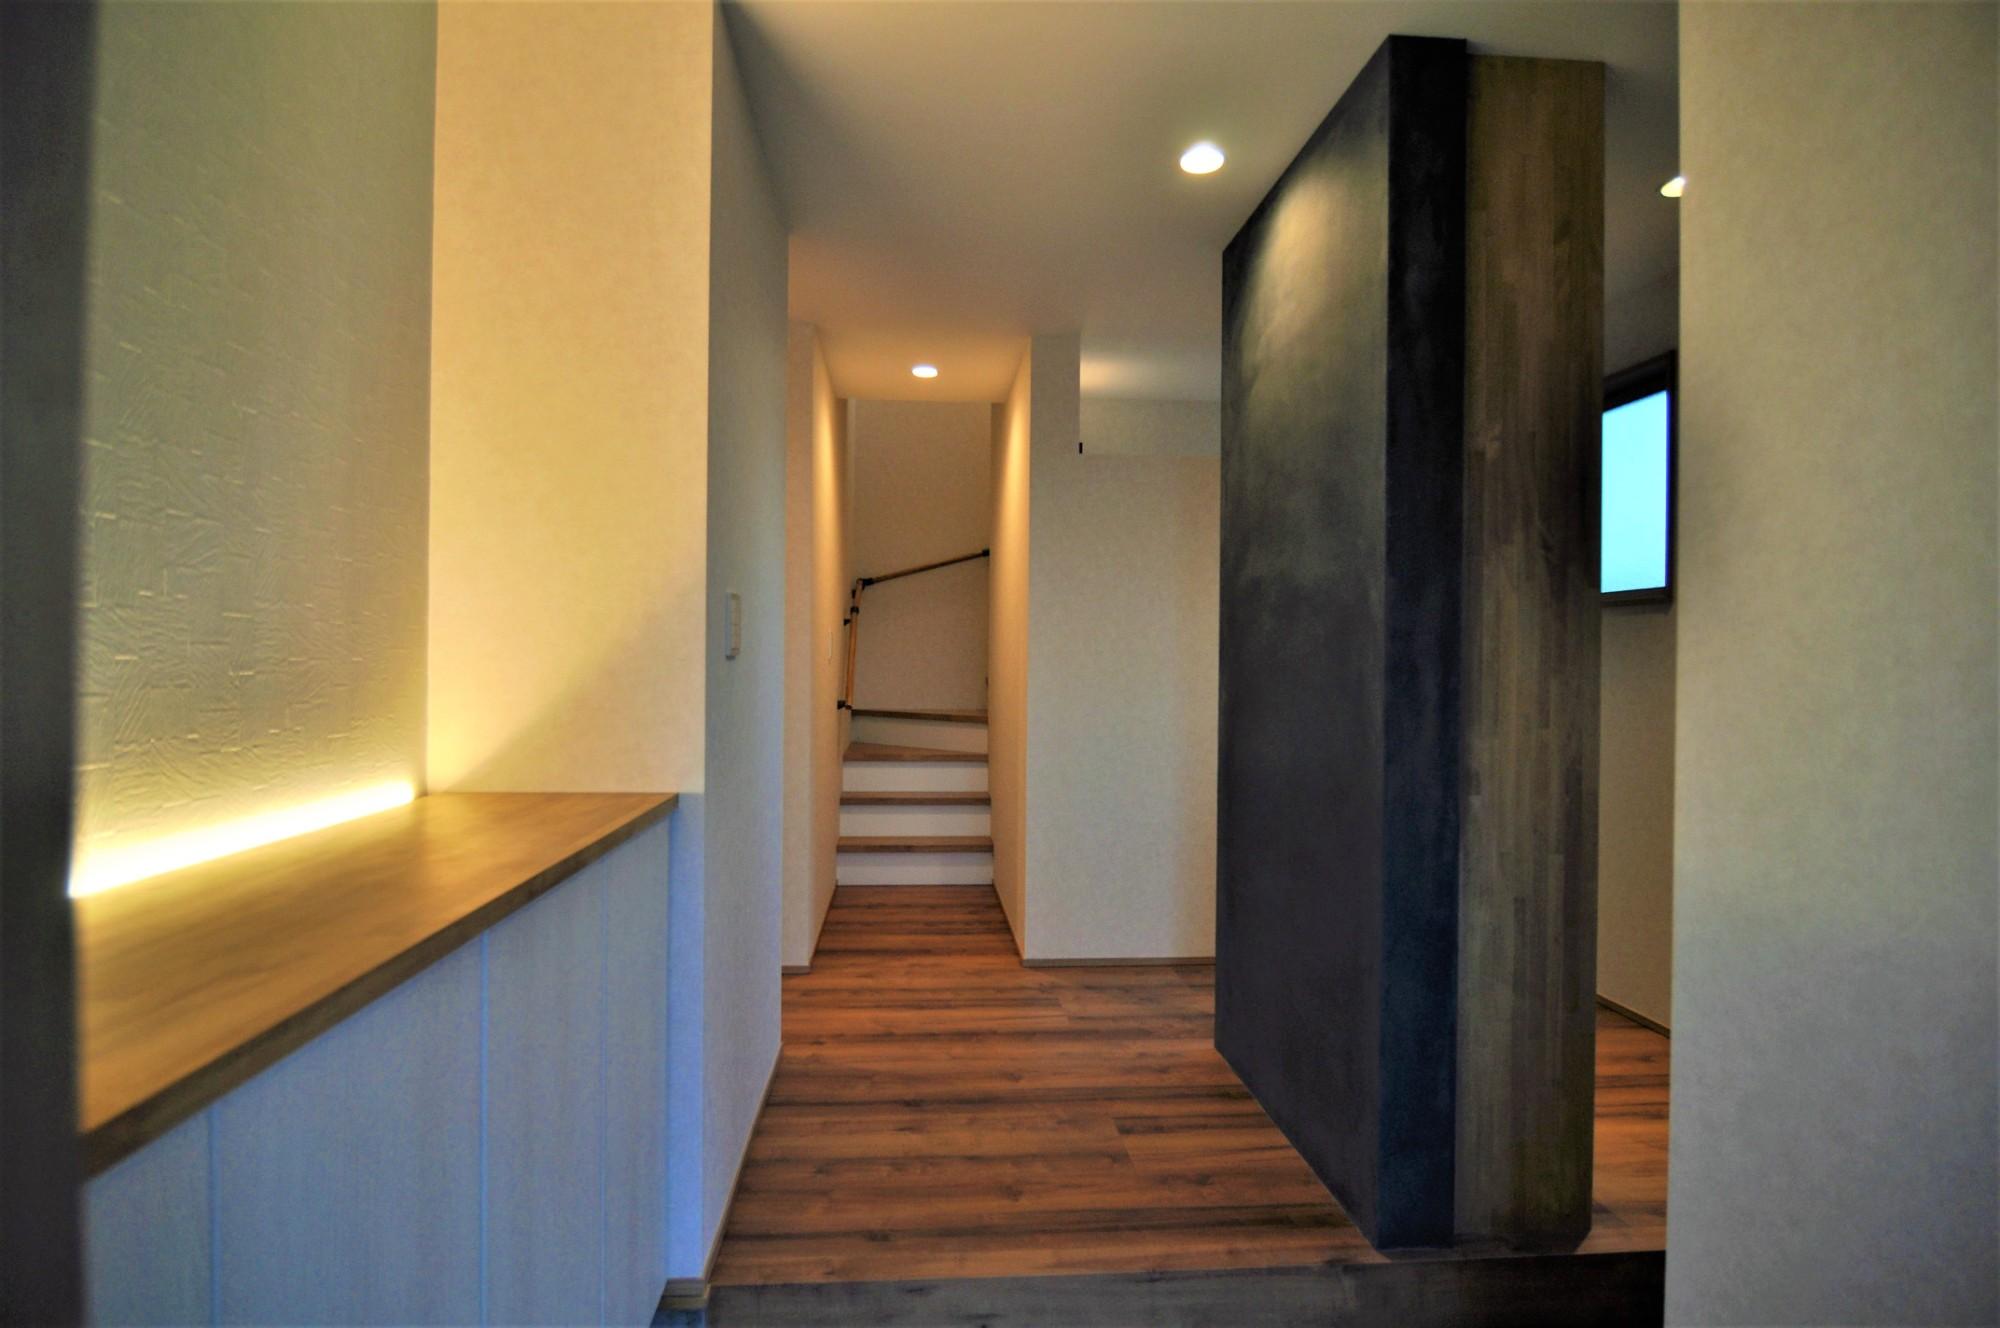 有限会社 市川建築店 1級建築士事務所「インドア+アウトドア」のシンプル・ナチュラルな玄関の実例写真